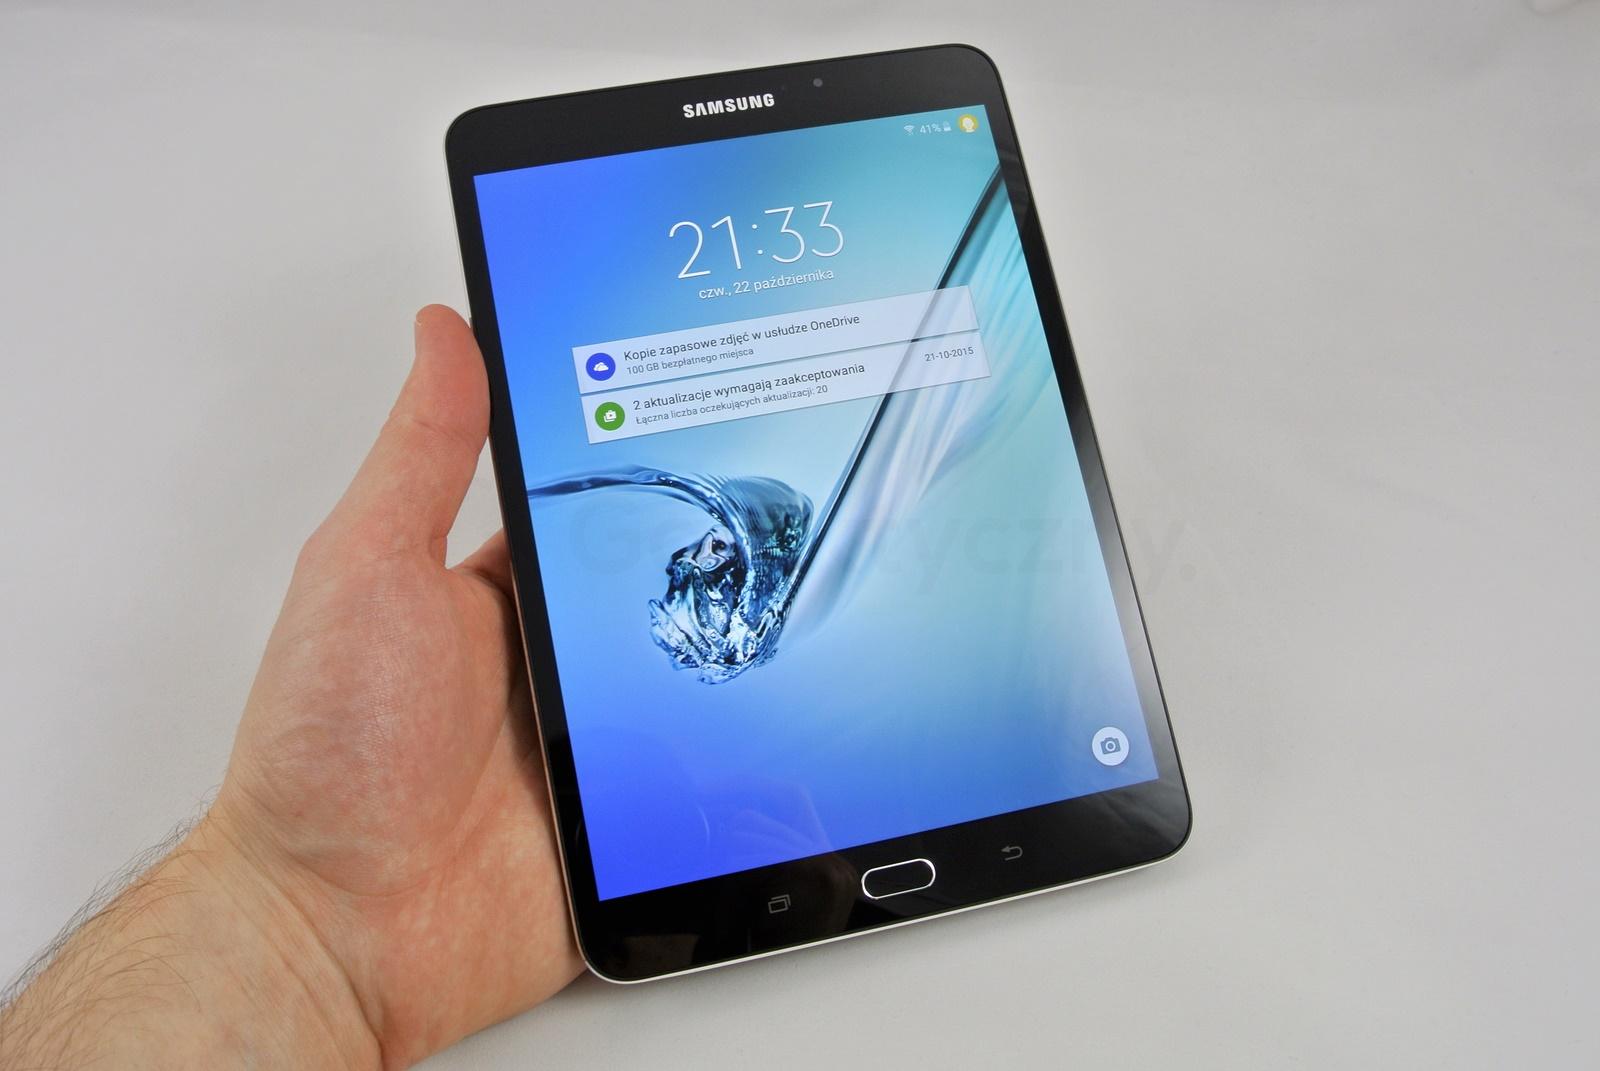 recenzja samsung galaxy tab s2 8 0 tablet kt ry przekona mnie